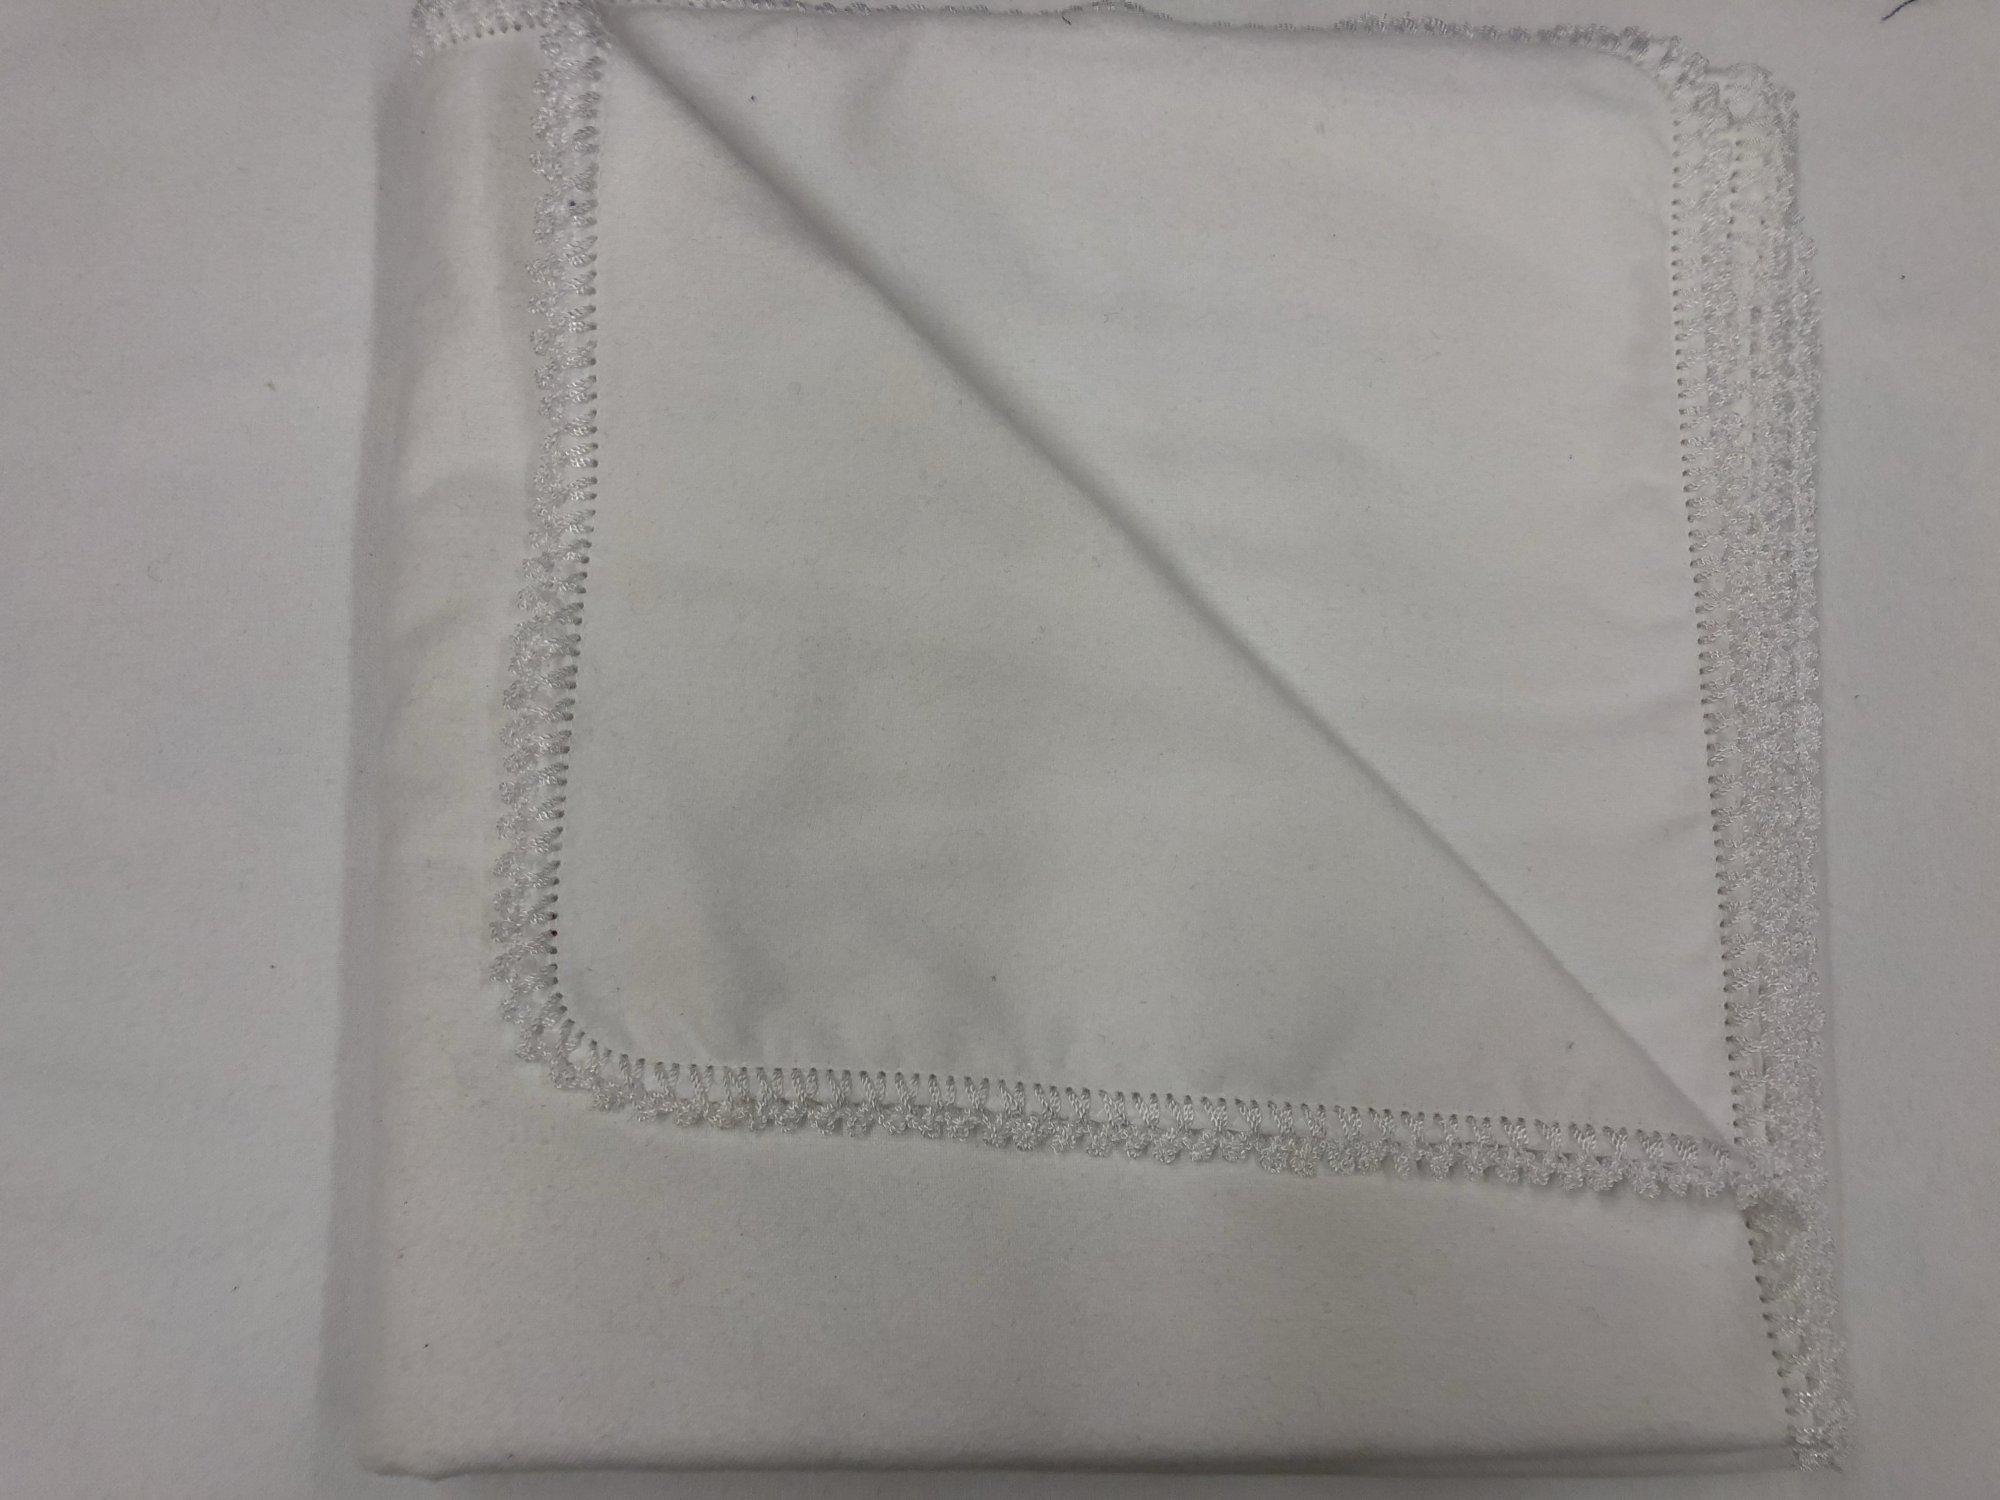 All white crocheted blanket